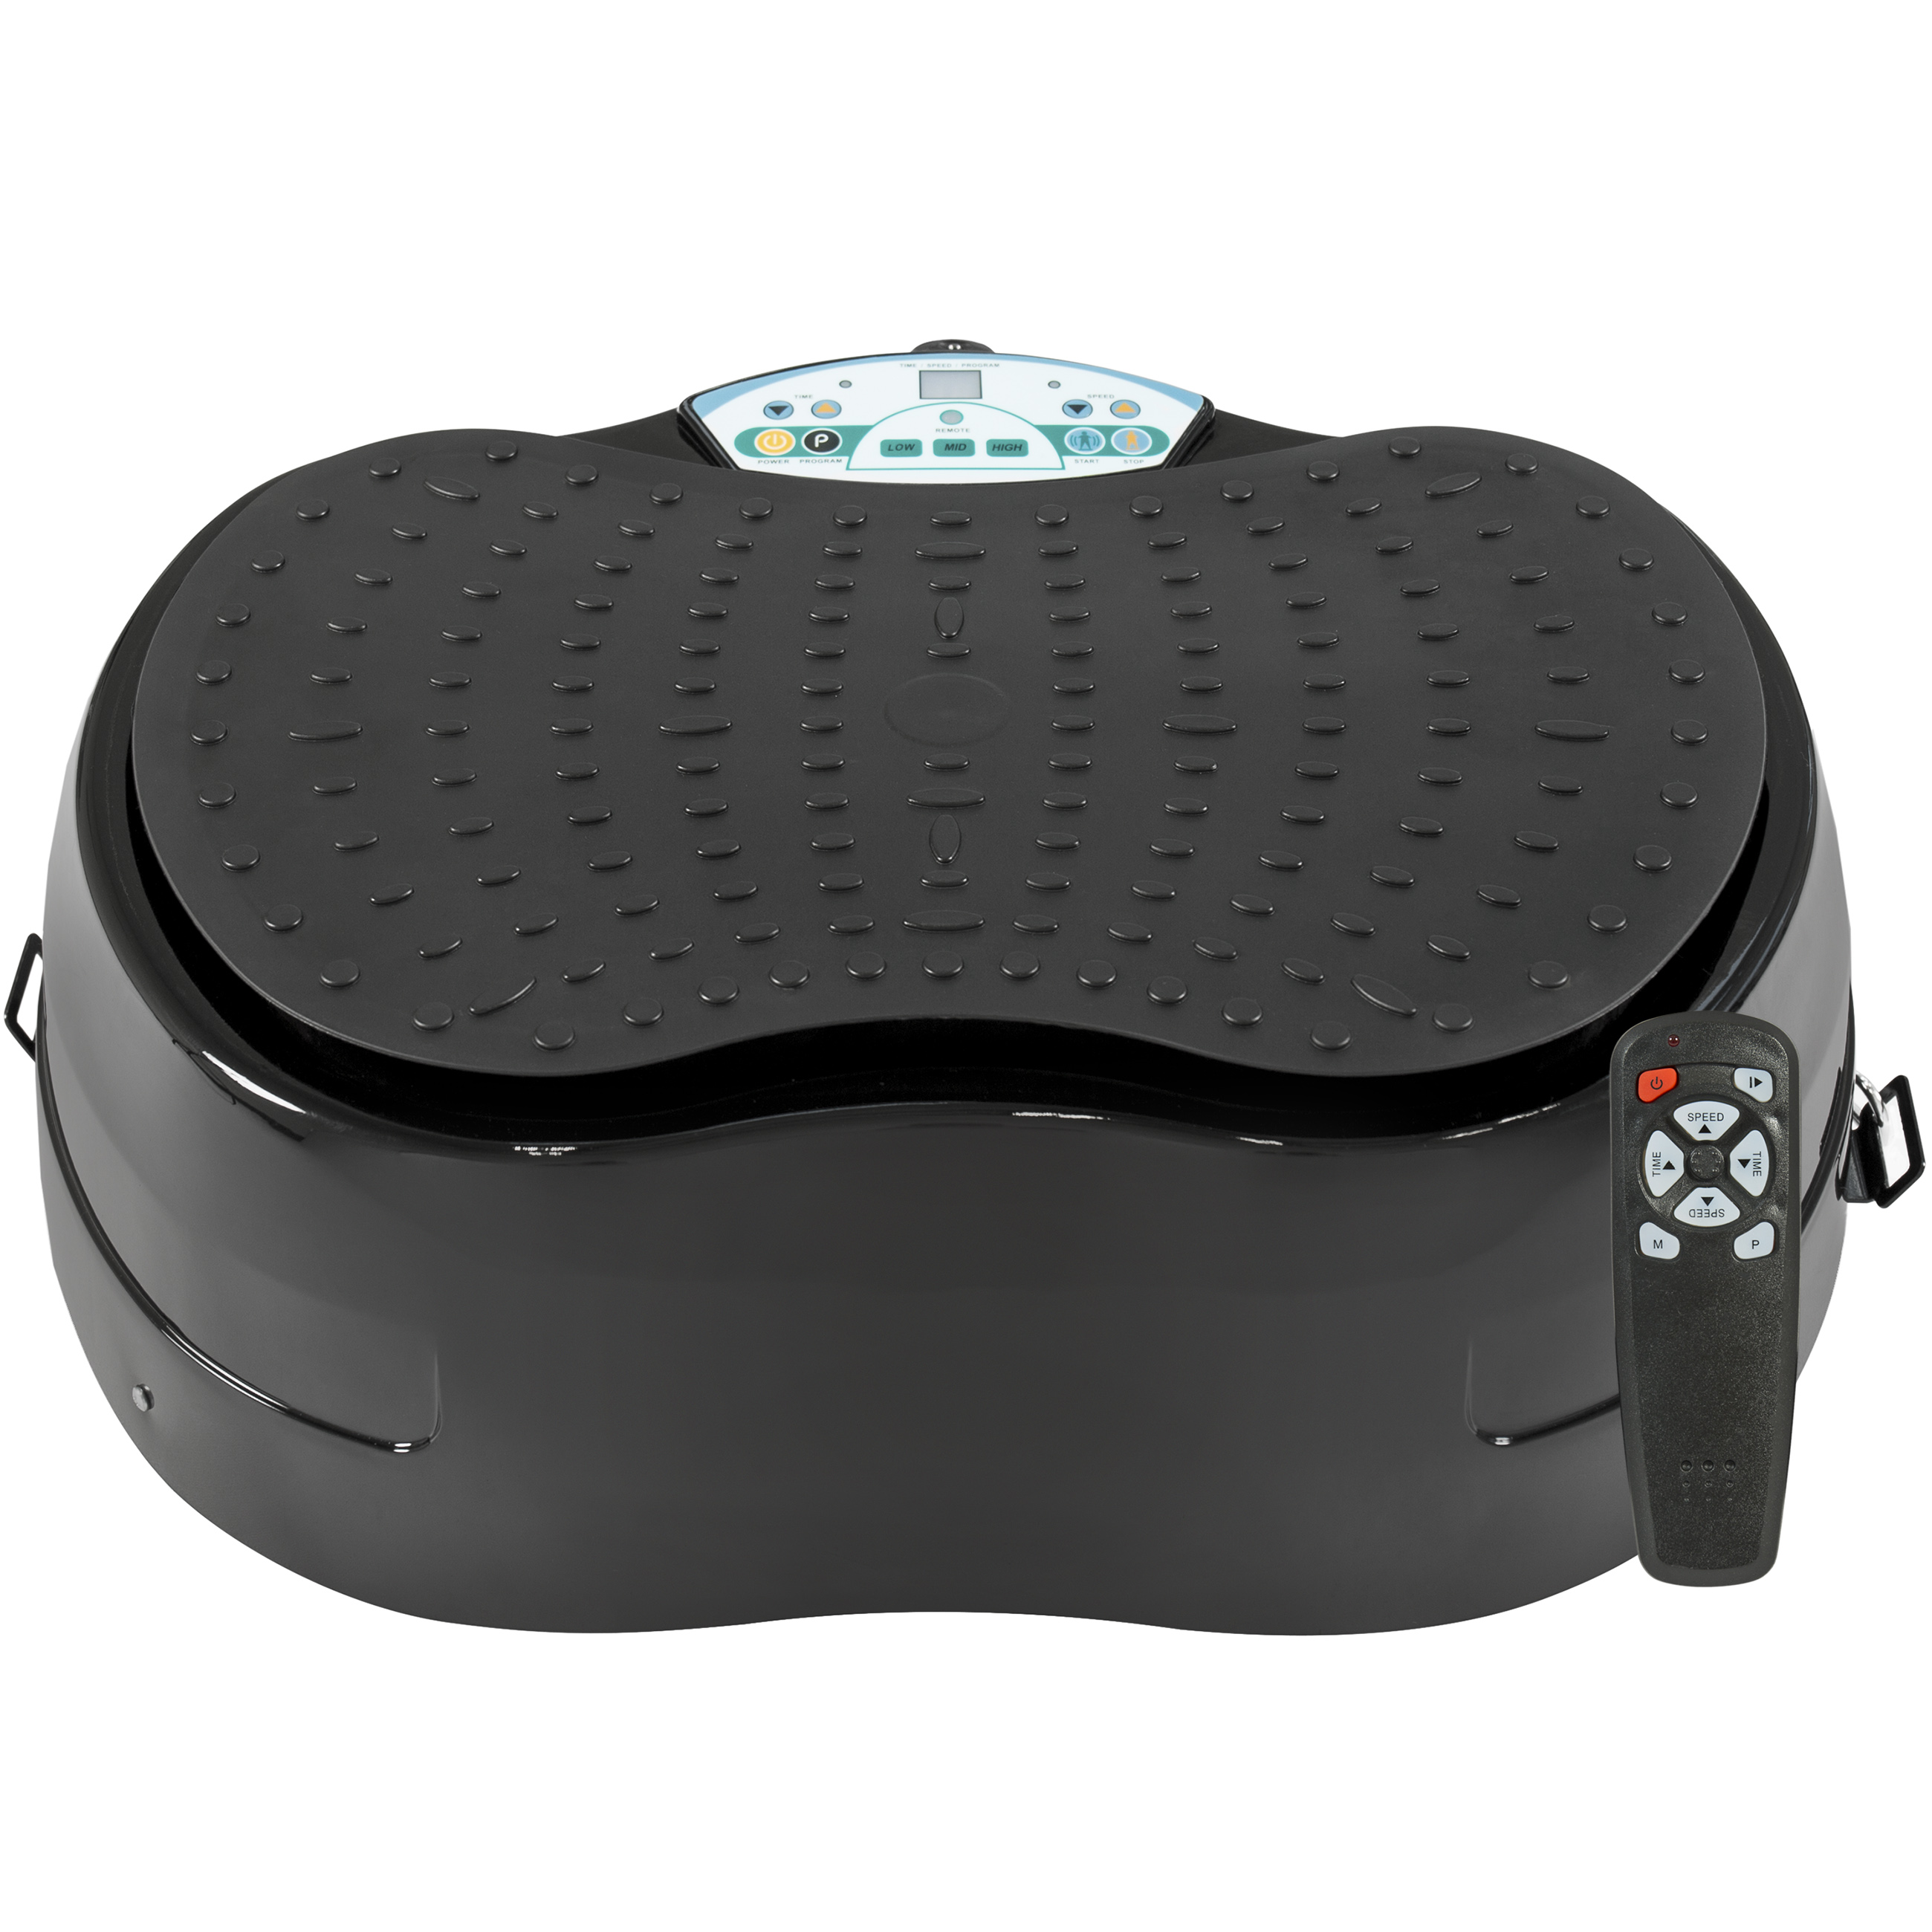 Best Choice Products 99-Level Pivotal Vibration Platform w/ Resistance Bands, Remote Control, Compact Design - Black